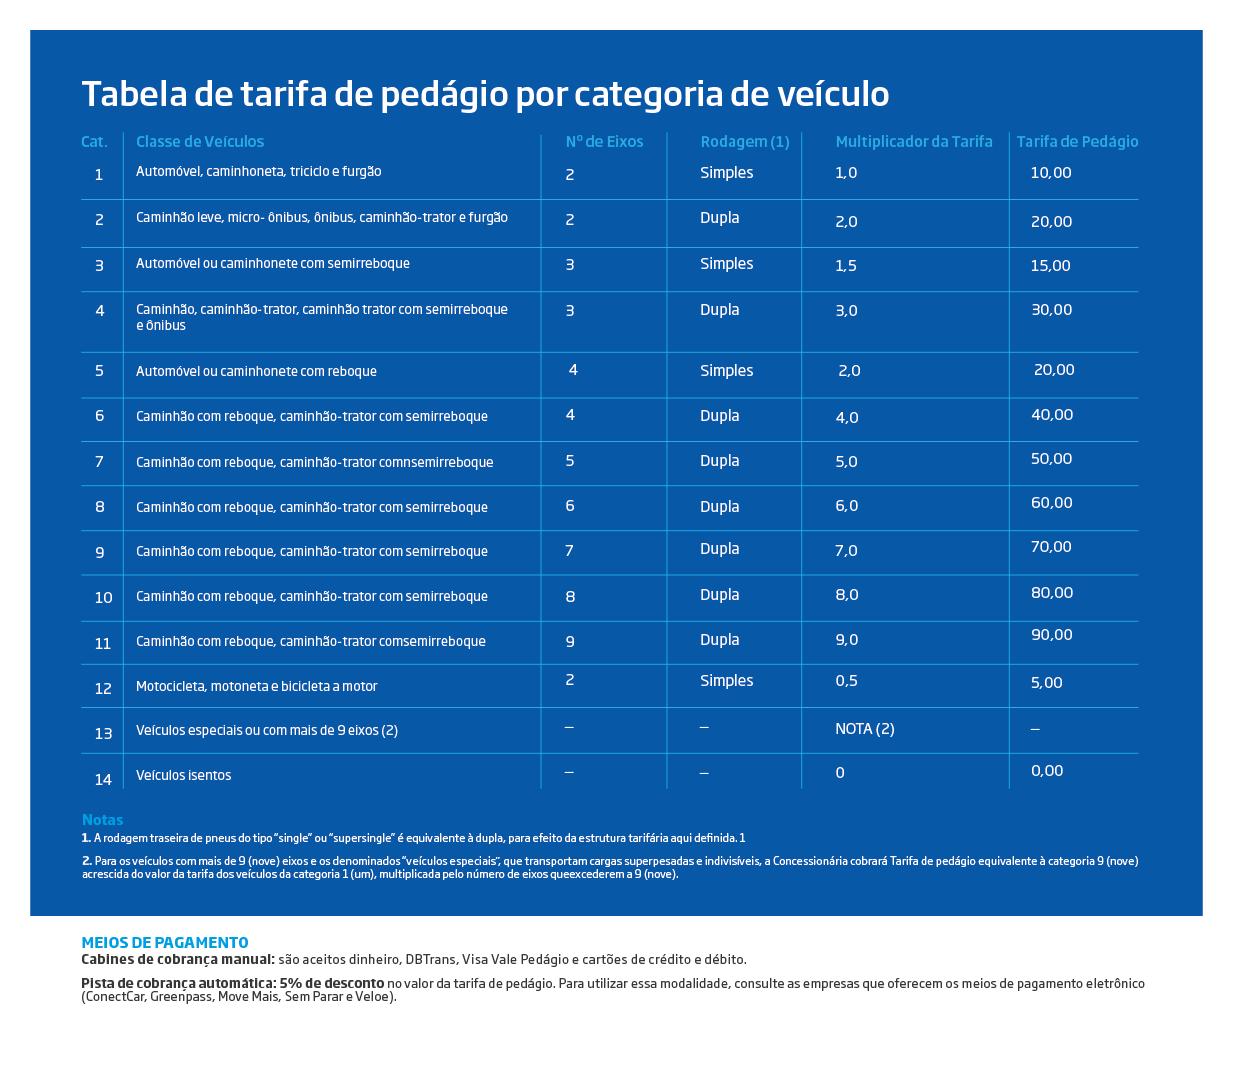 Tabela de preços de pedágio por categorias de veículo